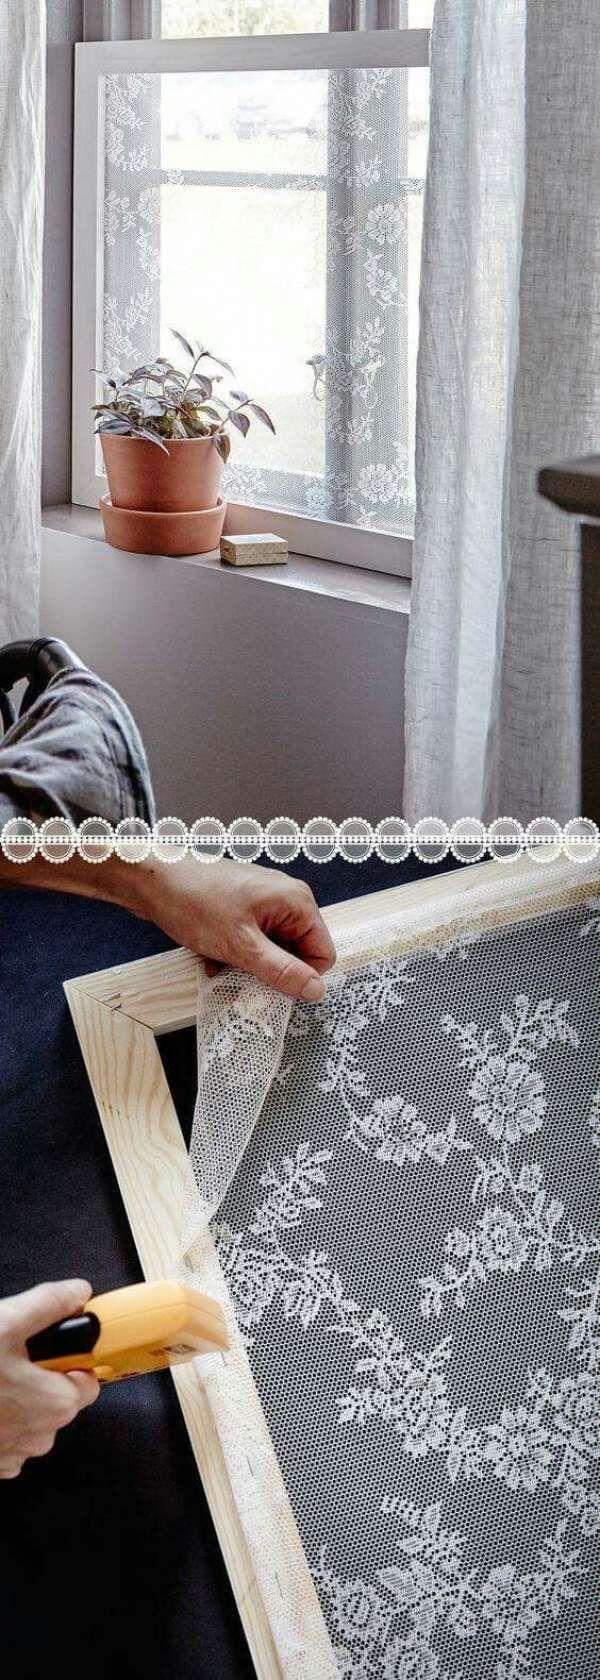 35 Genial DIY Fenster behandlung Ideen und Anleitungen #zuhausediy